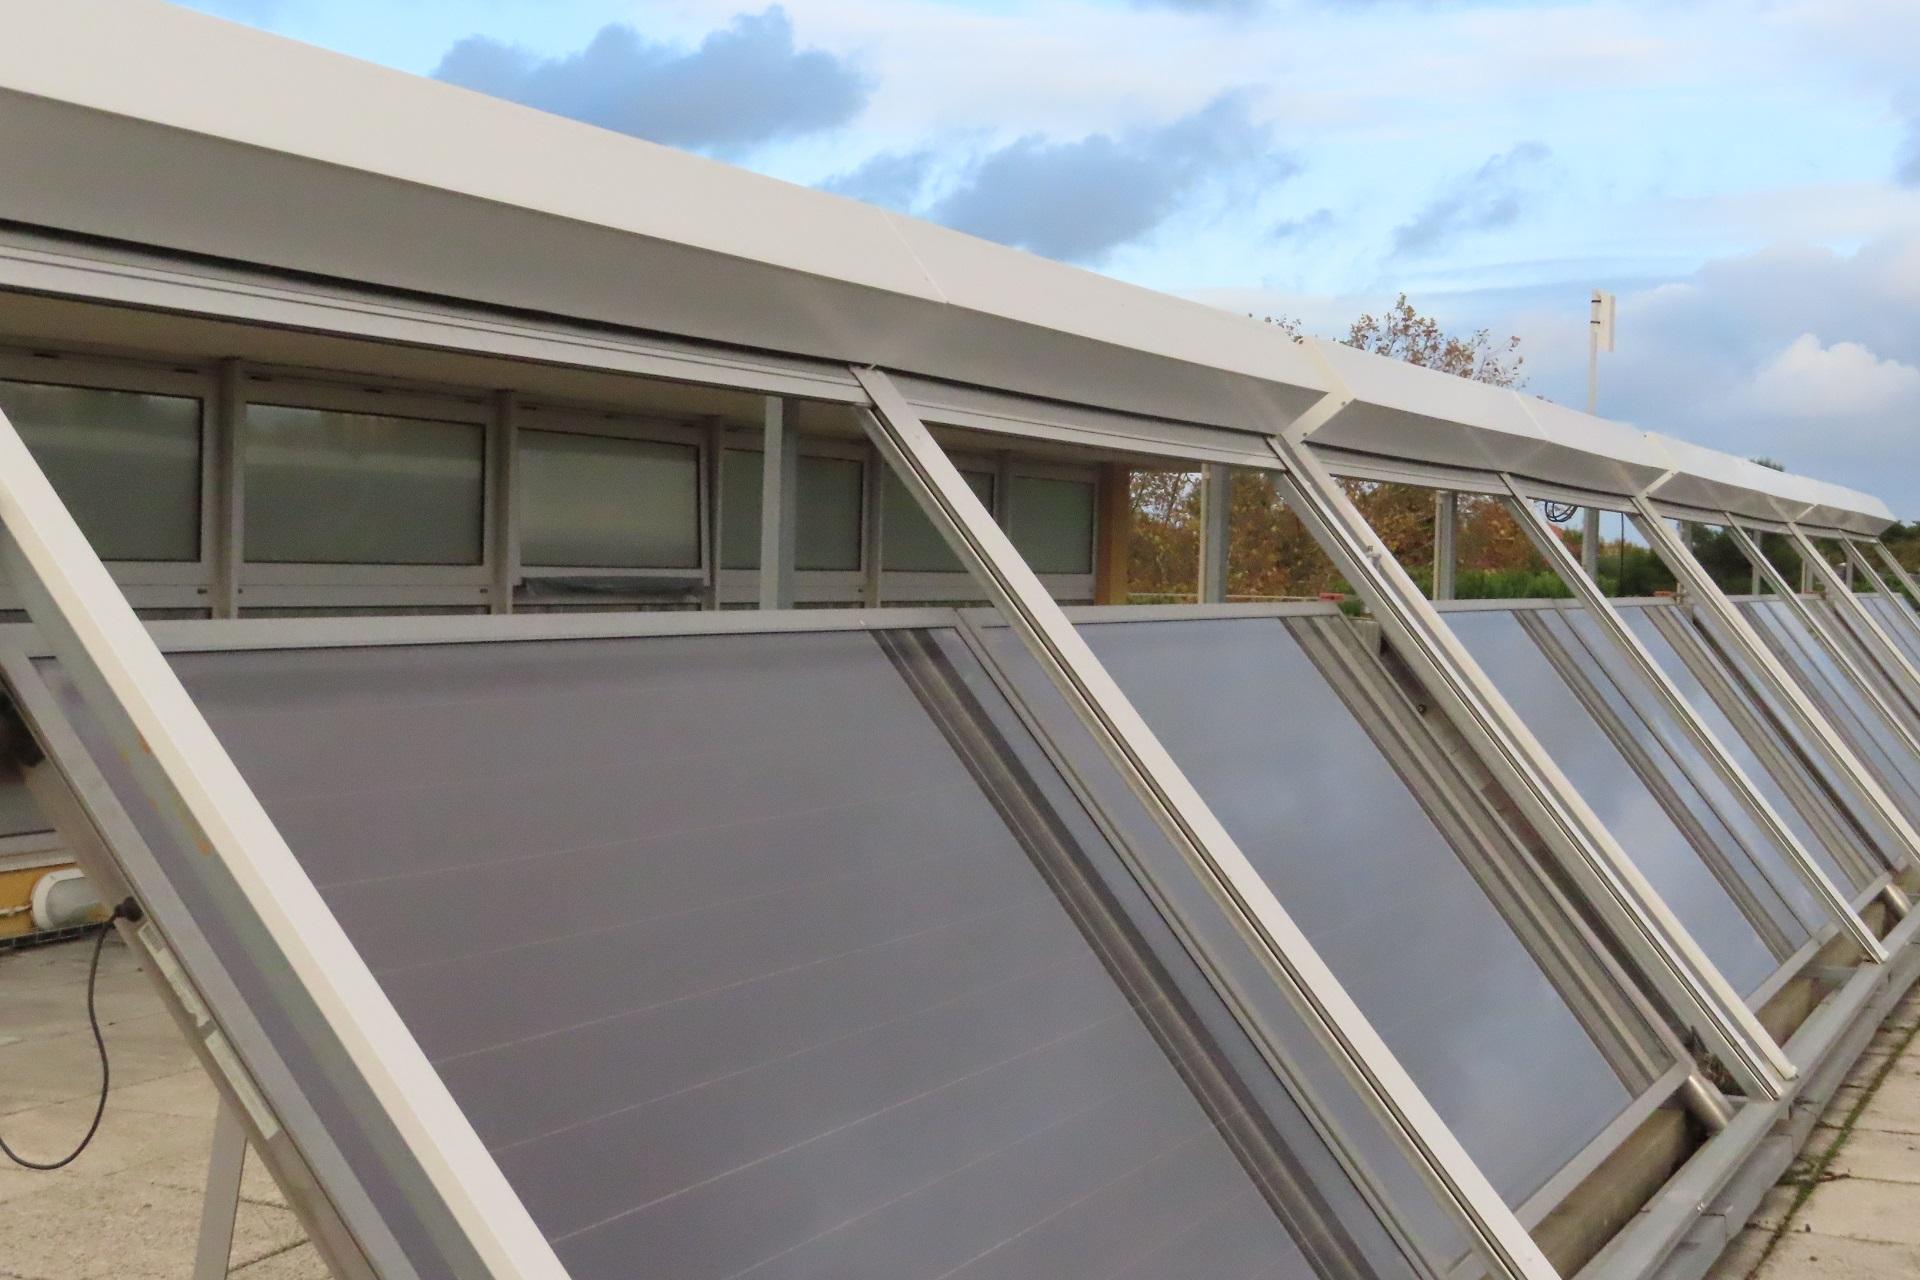 INIESC - Infraestrutura Nacional de Investigação para Energia Solar de Concentração